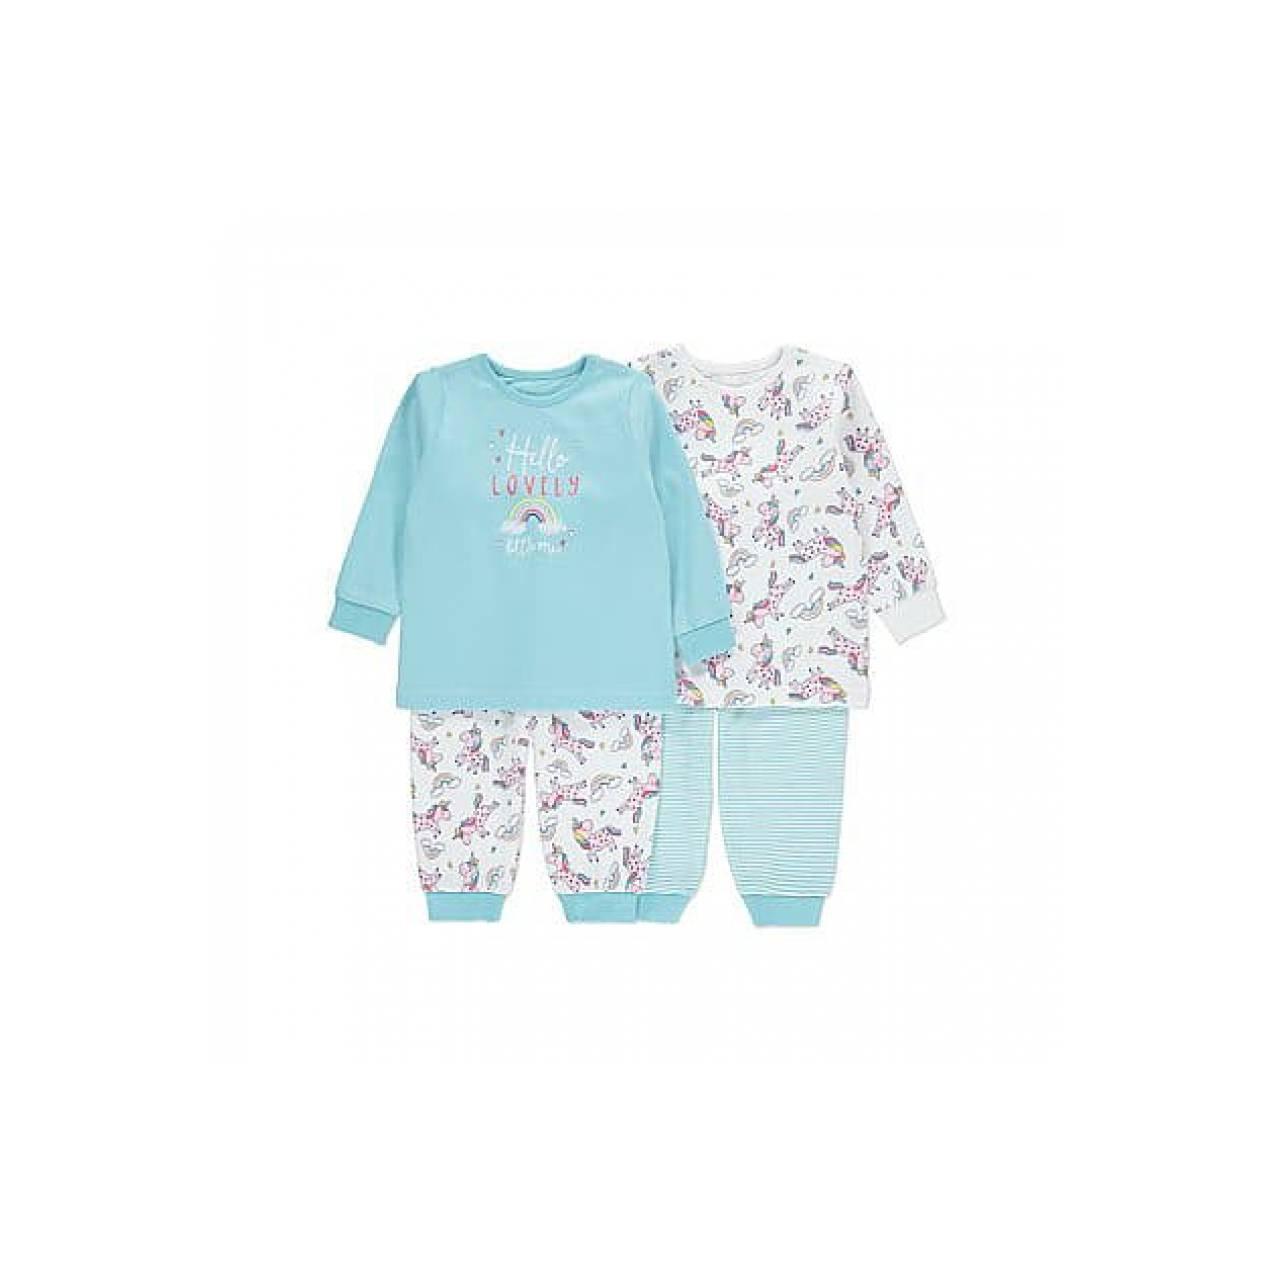 2 Set Piyama Unicorn Impor dari Inggris | Baju Tidur Anak Bayi Unisex